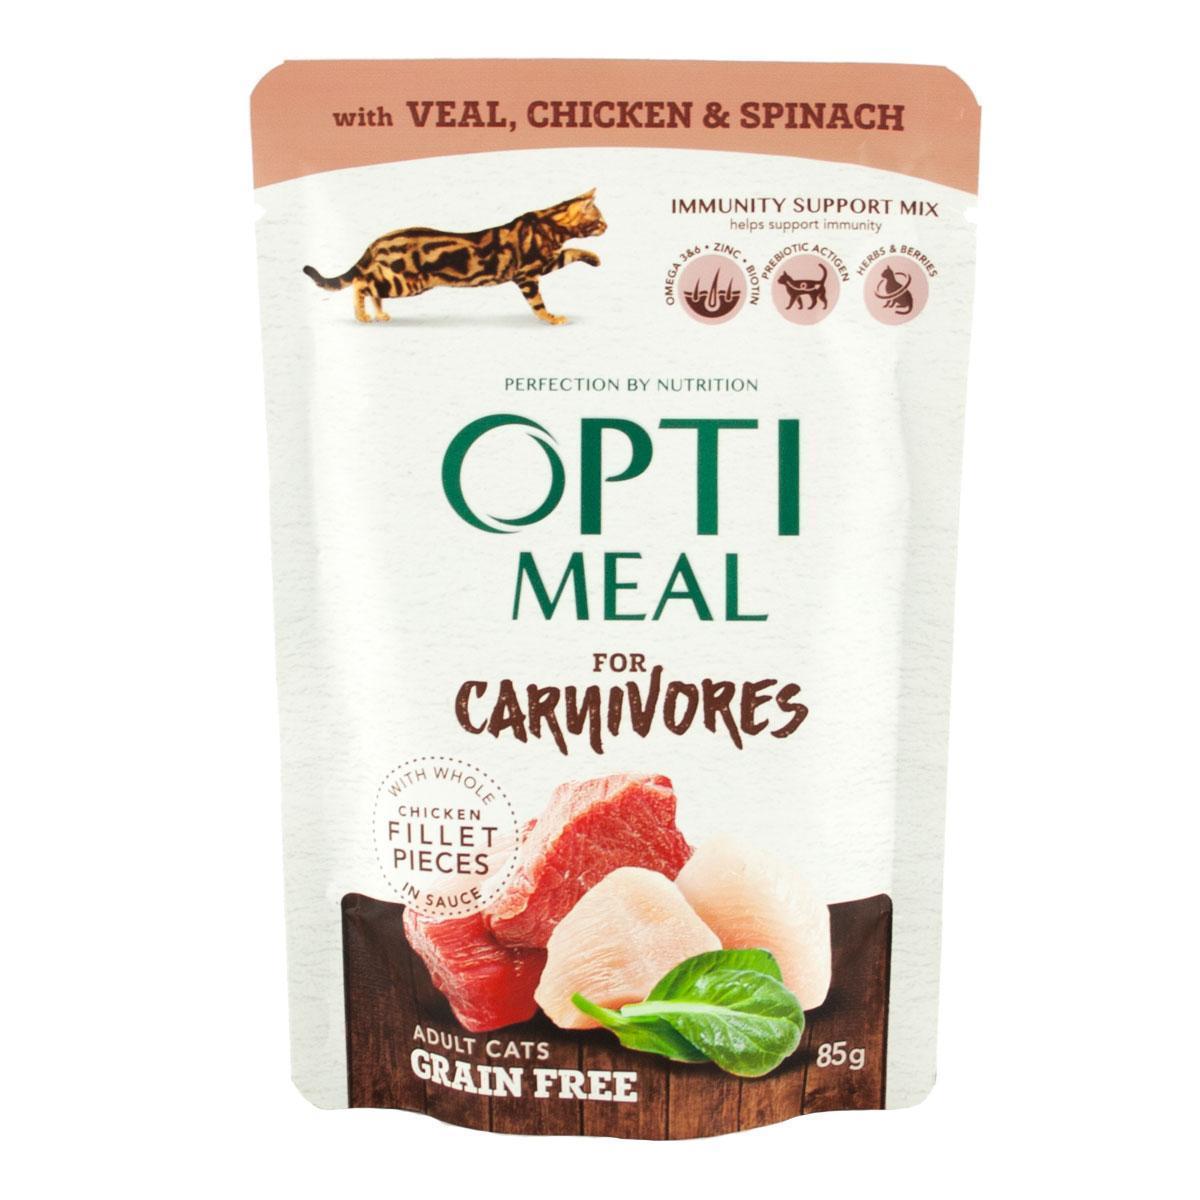 Влажный беззерновой корм для кошек Optimeal с телятиной, курицей и шпинатом блок 85 г*12 шт.